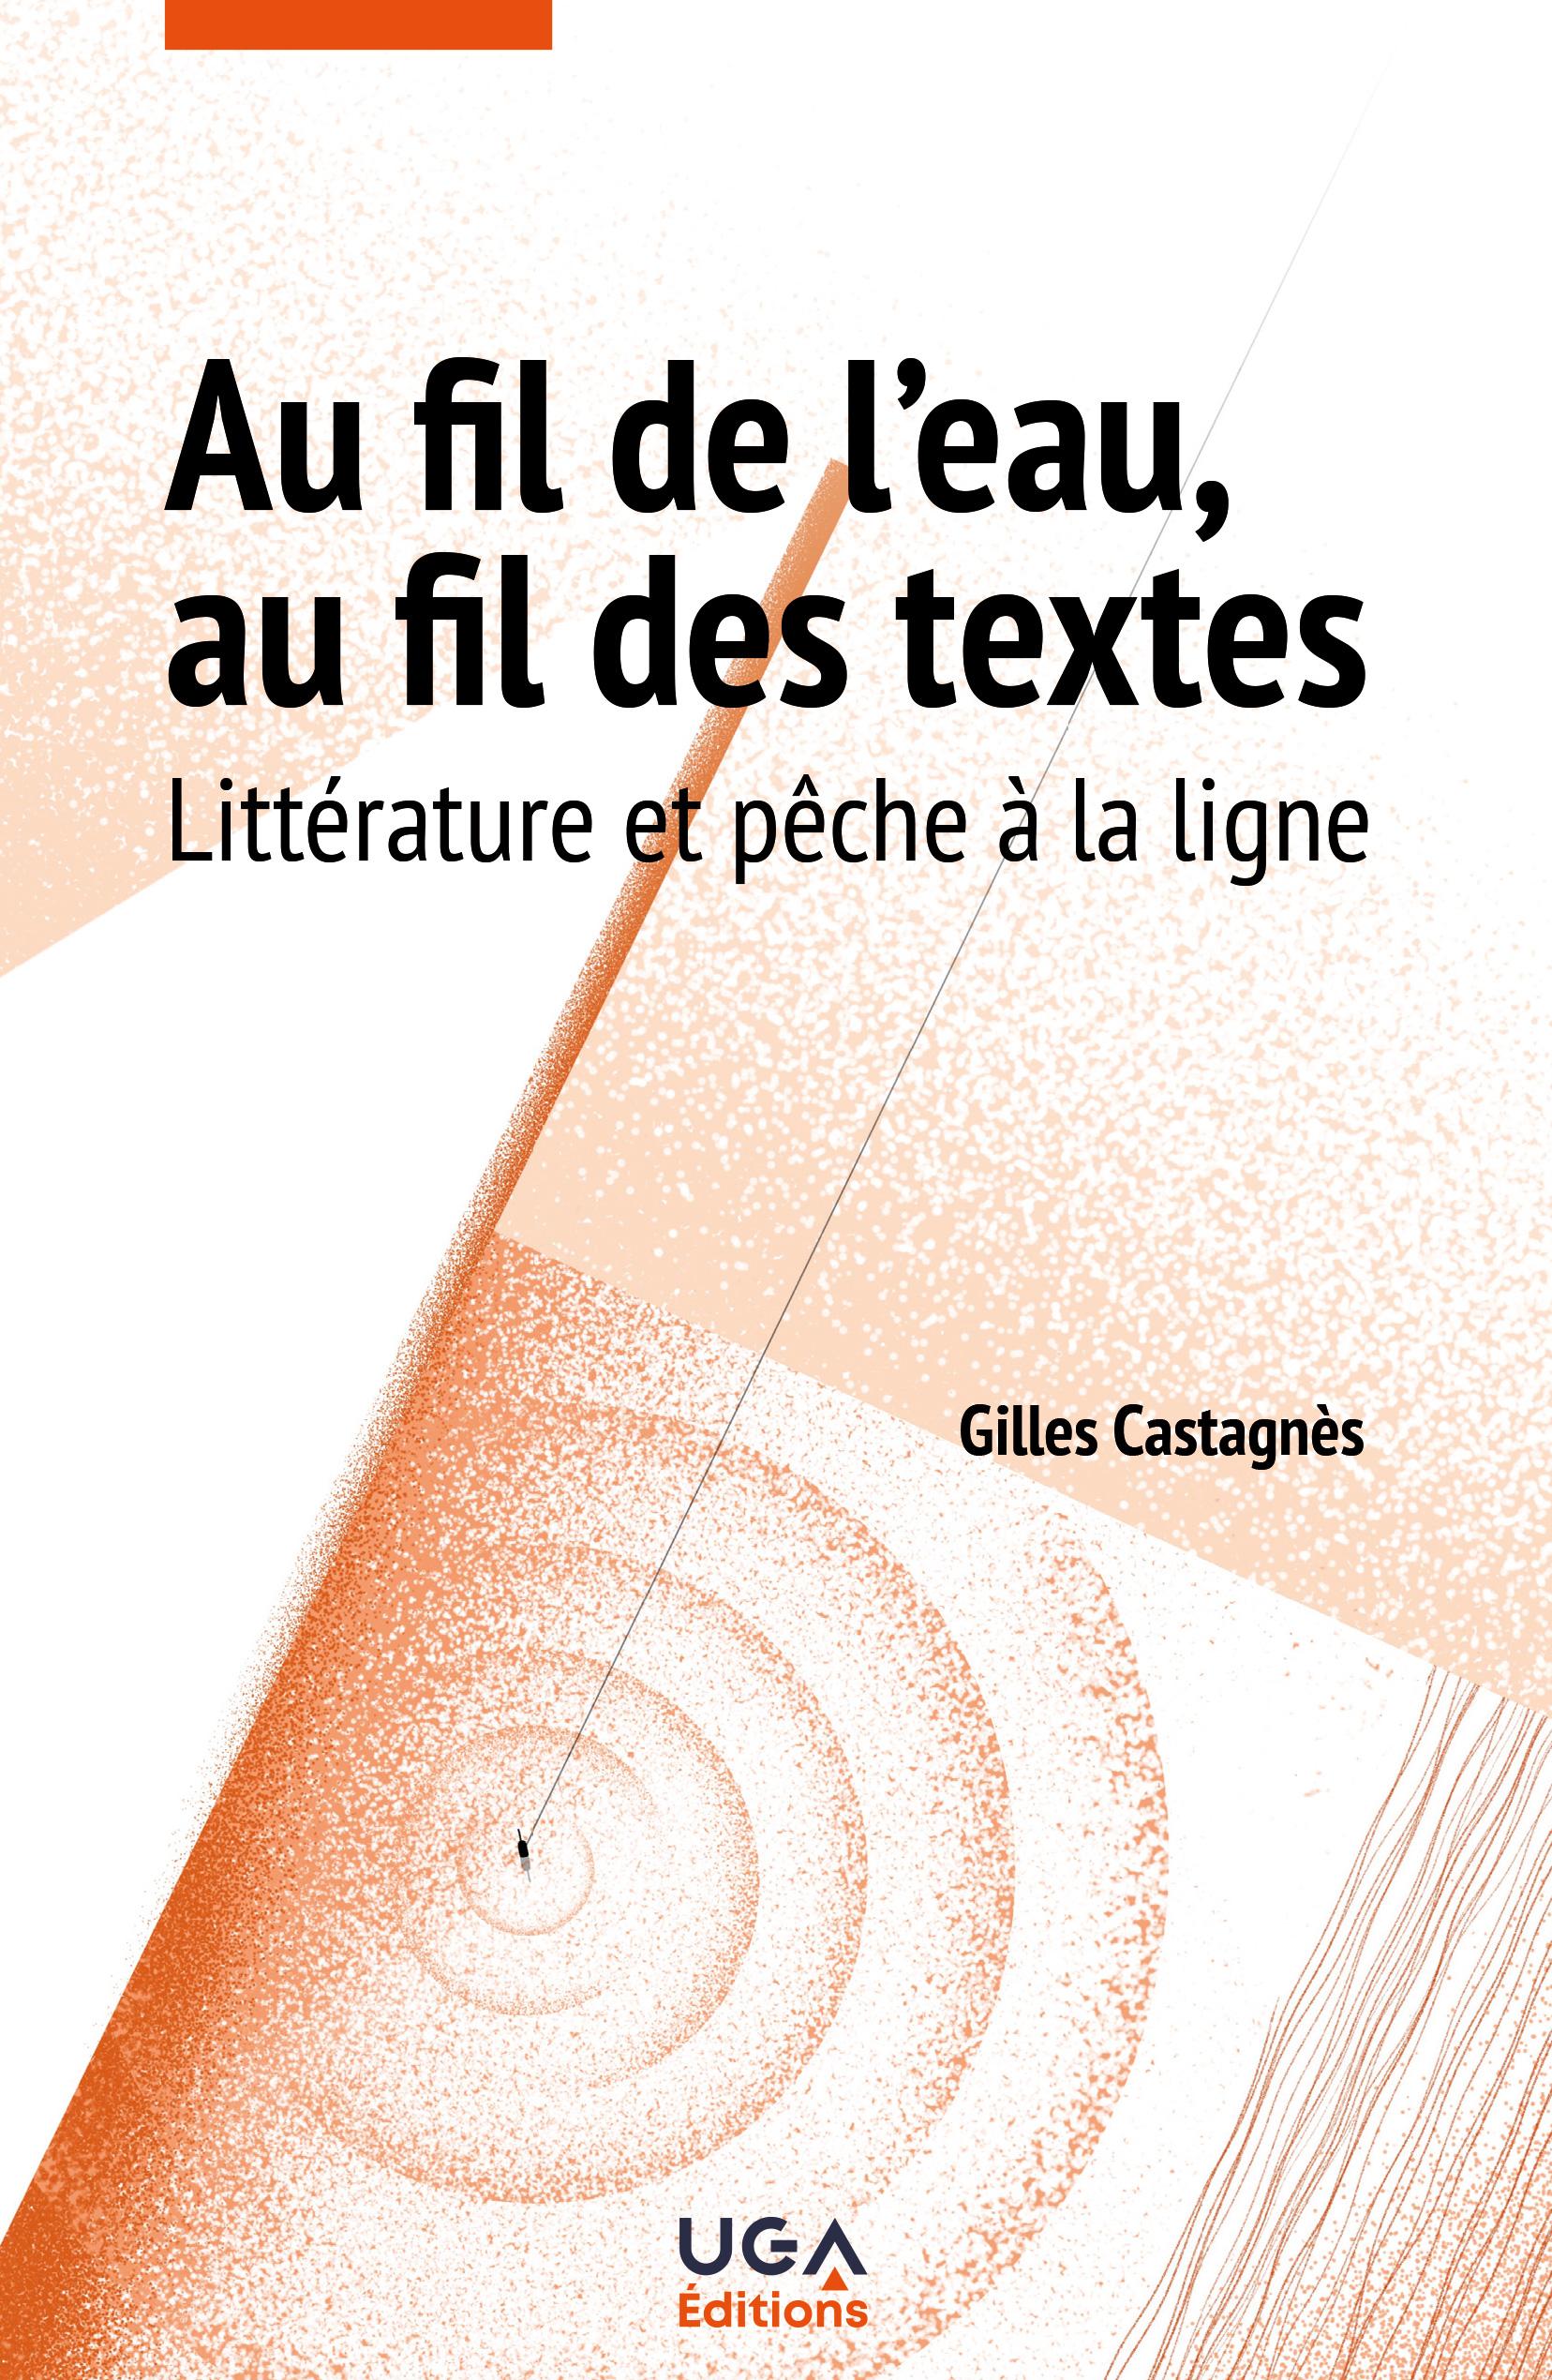 G. Castagnès, Au fil de l'eau, au fils des textes. Littérature et pêche à la ligne